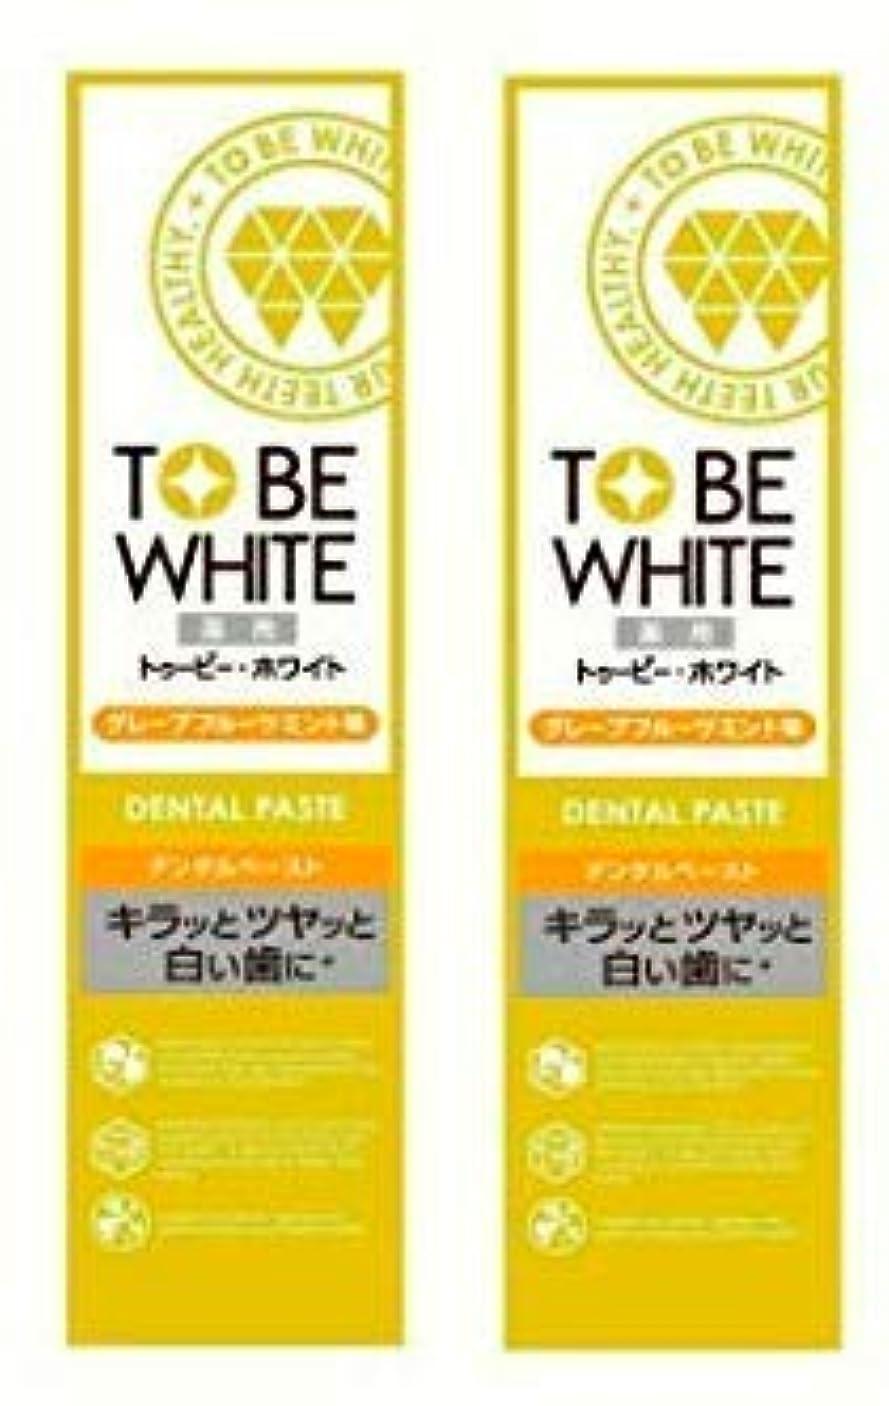 不規則性規制する知的【お買い得】トゥービー?ホワイト 薬用 ホワイトニング ハミガキ粉 グレープフルーツミント 味 60g×2個セット